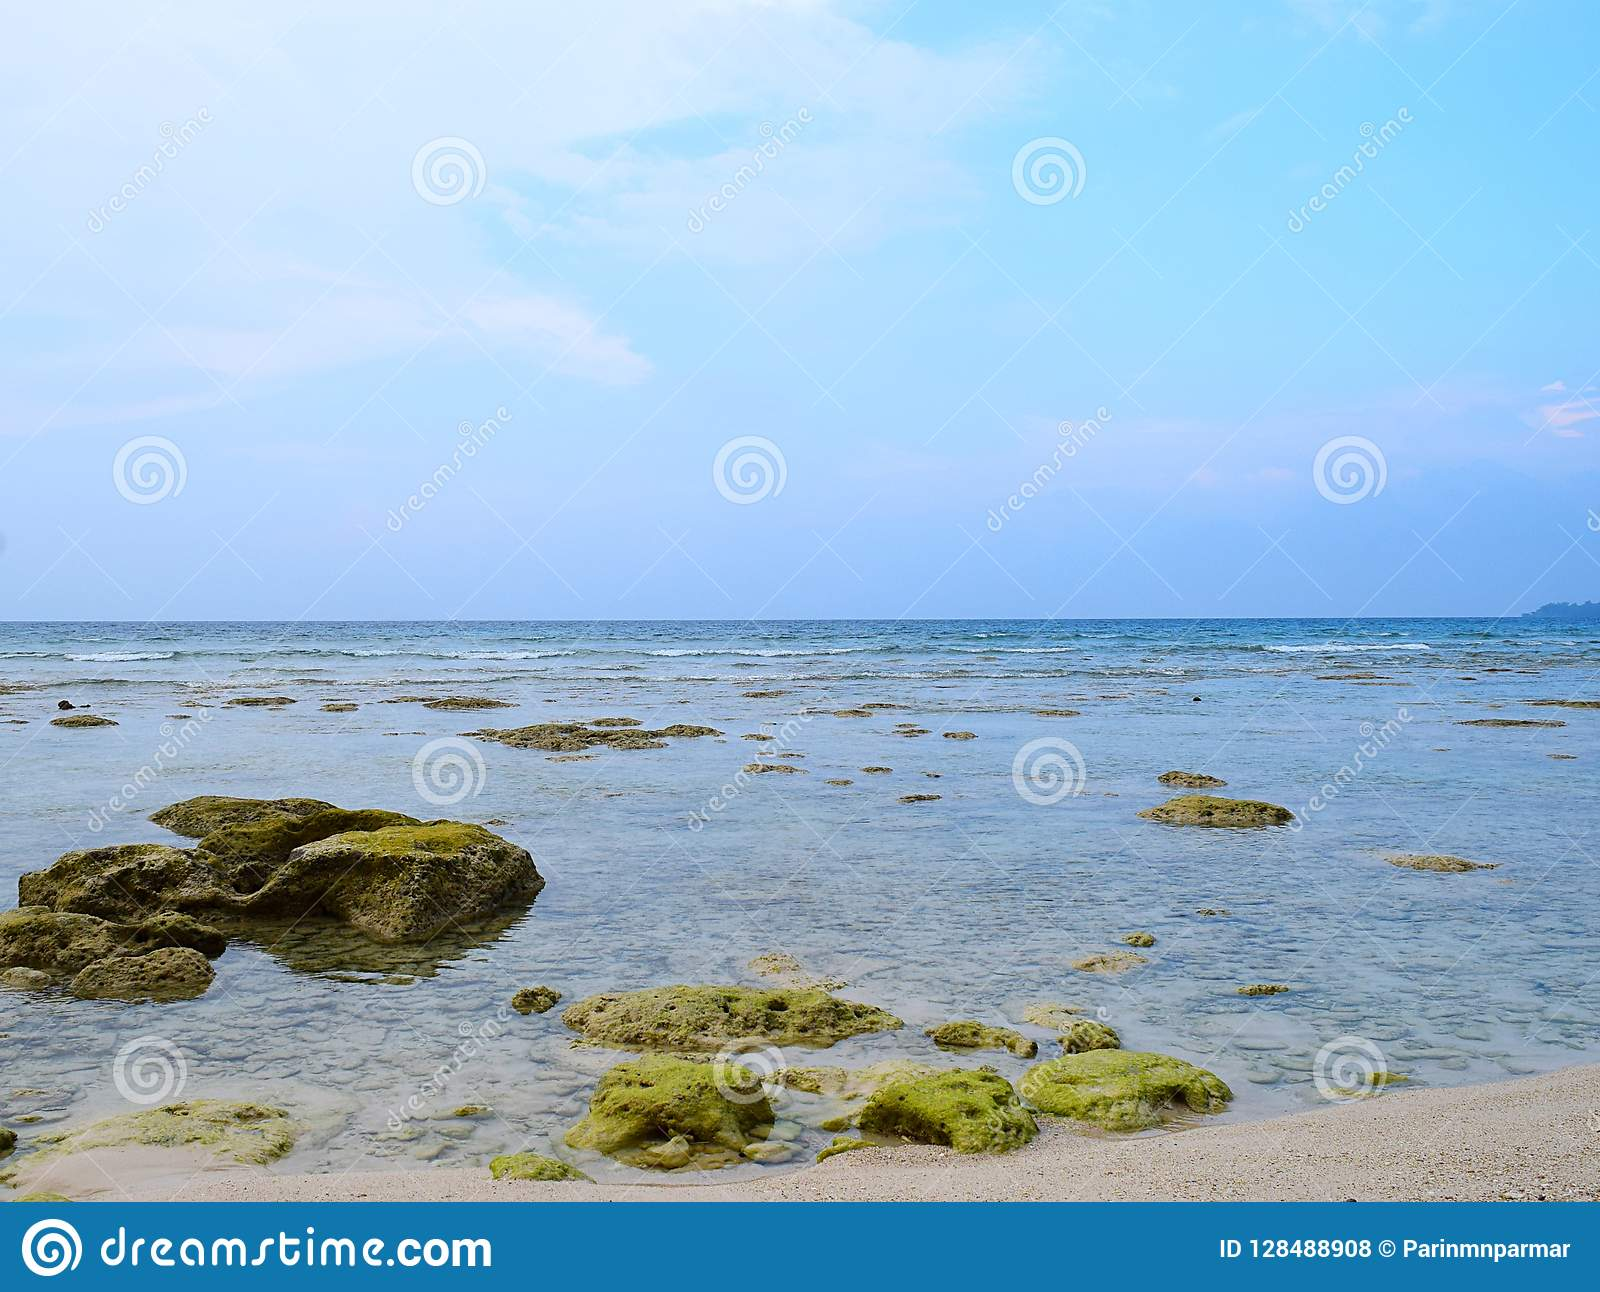 与水下的石头和天空蔚蓝-自然本底的天蓝色的干净的海水-尼尔海岛,安达曼尼科巴,印度